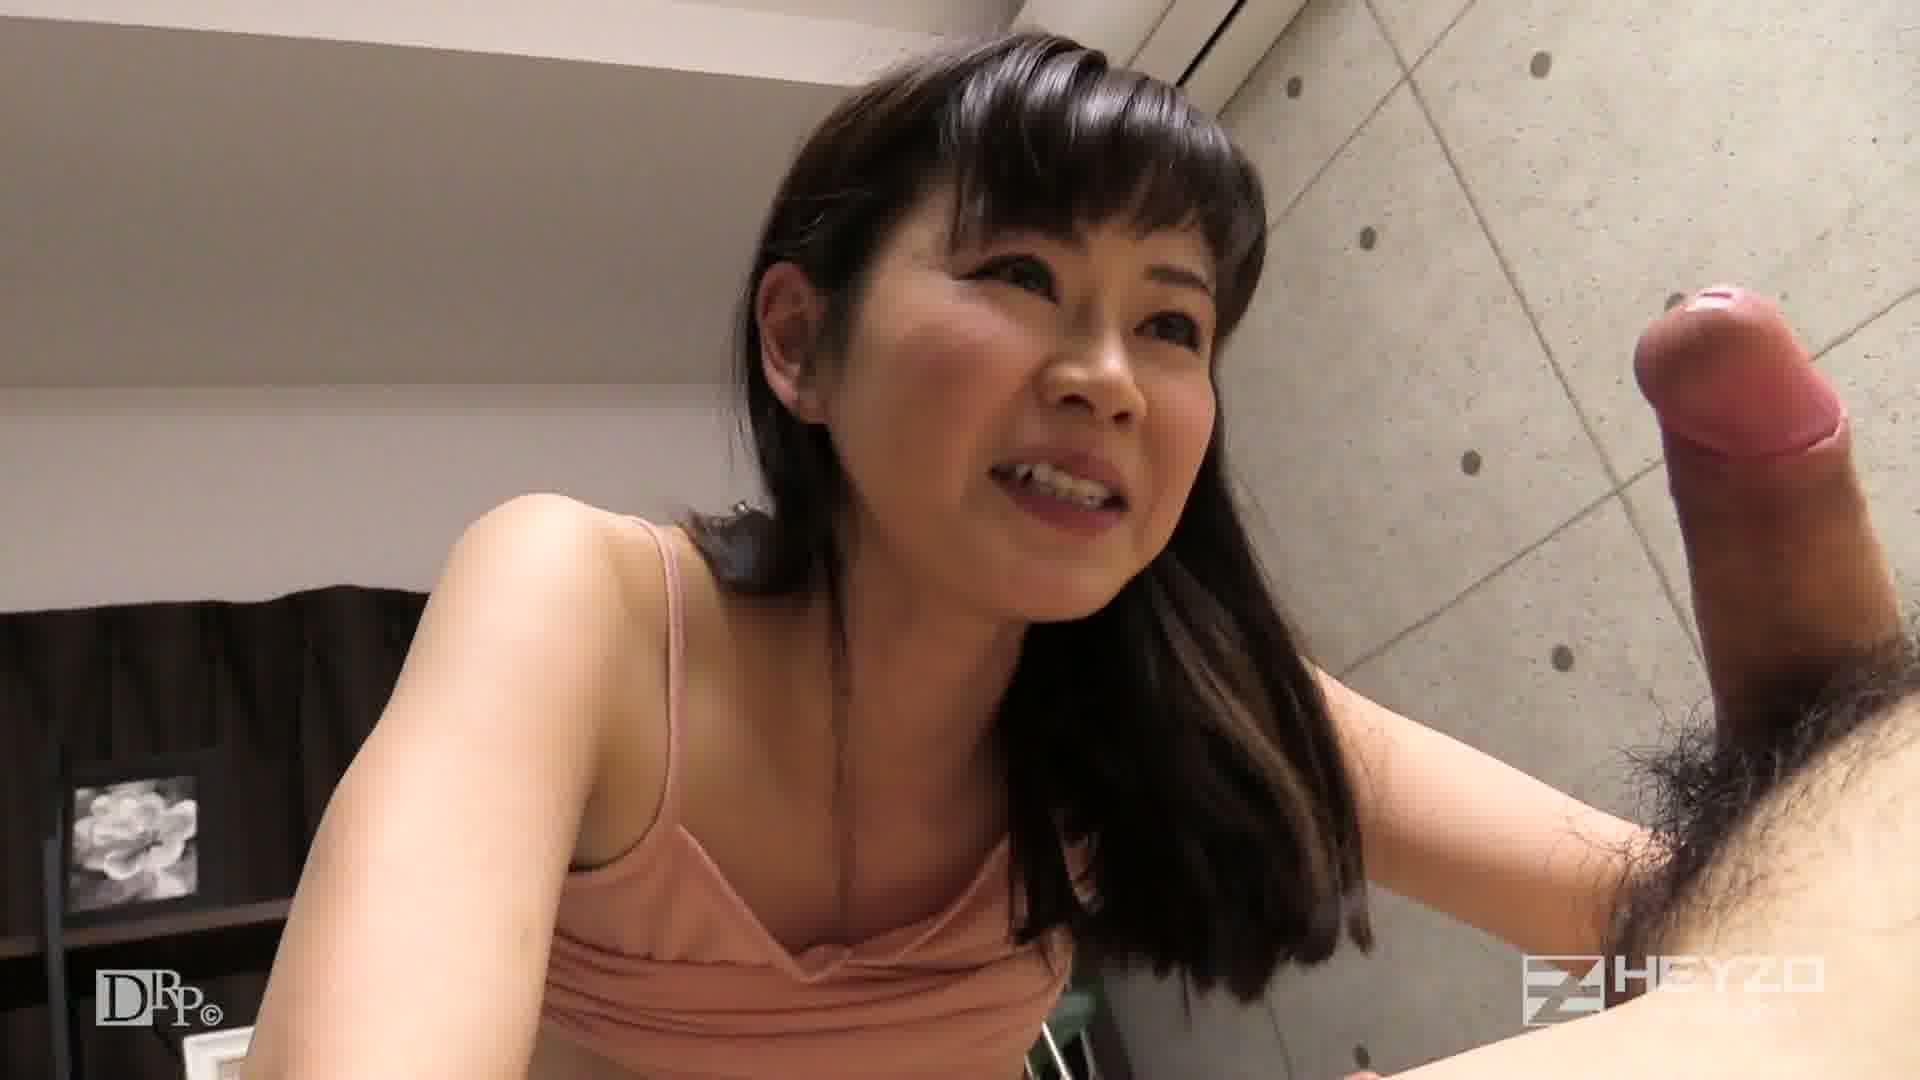 敏感熟女にエッチなくすぐり特訓 - 西岡奈央【電マ フェラ 69】